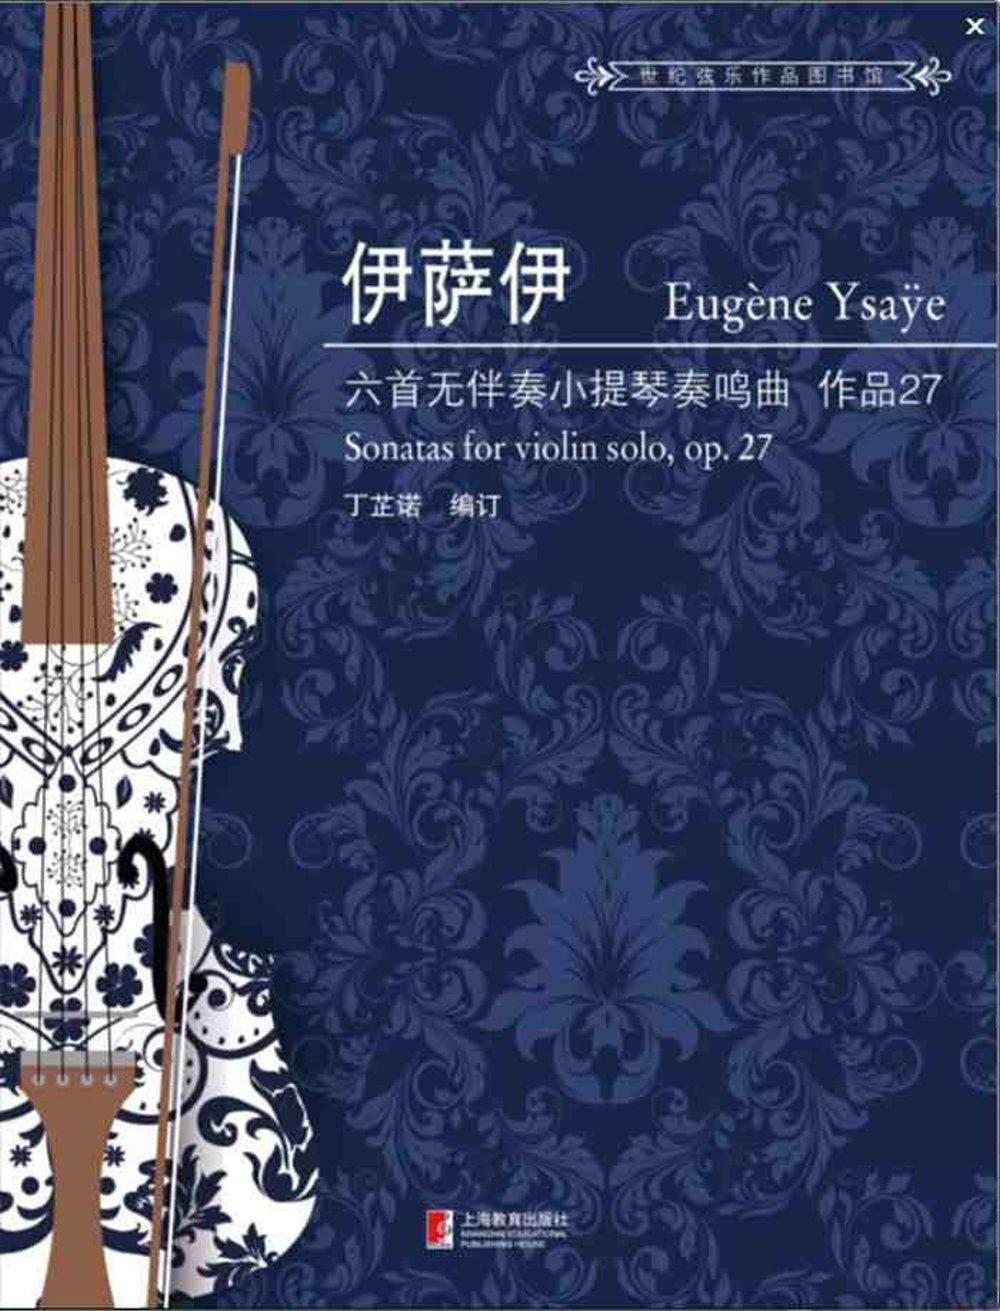 伊薩伊六首無伴奏小提琴奏鳴曲(作品27)